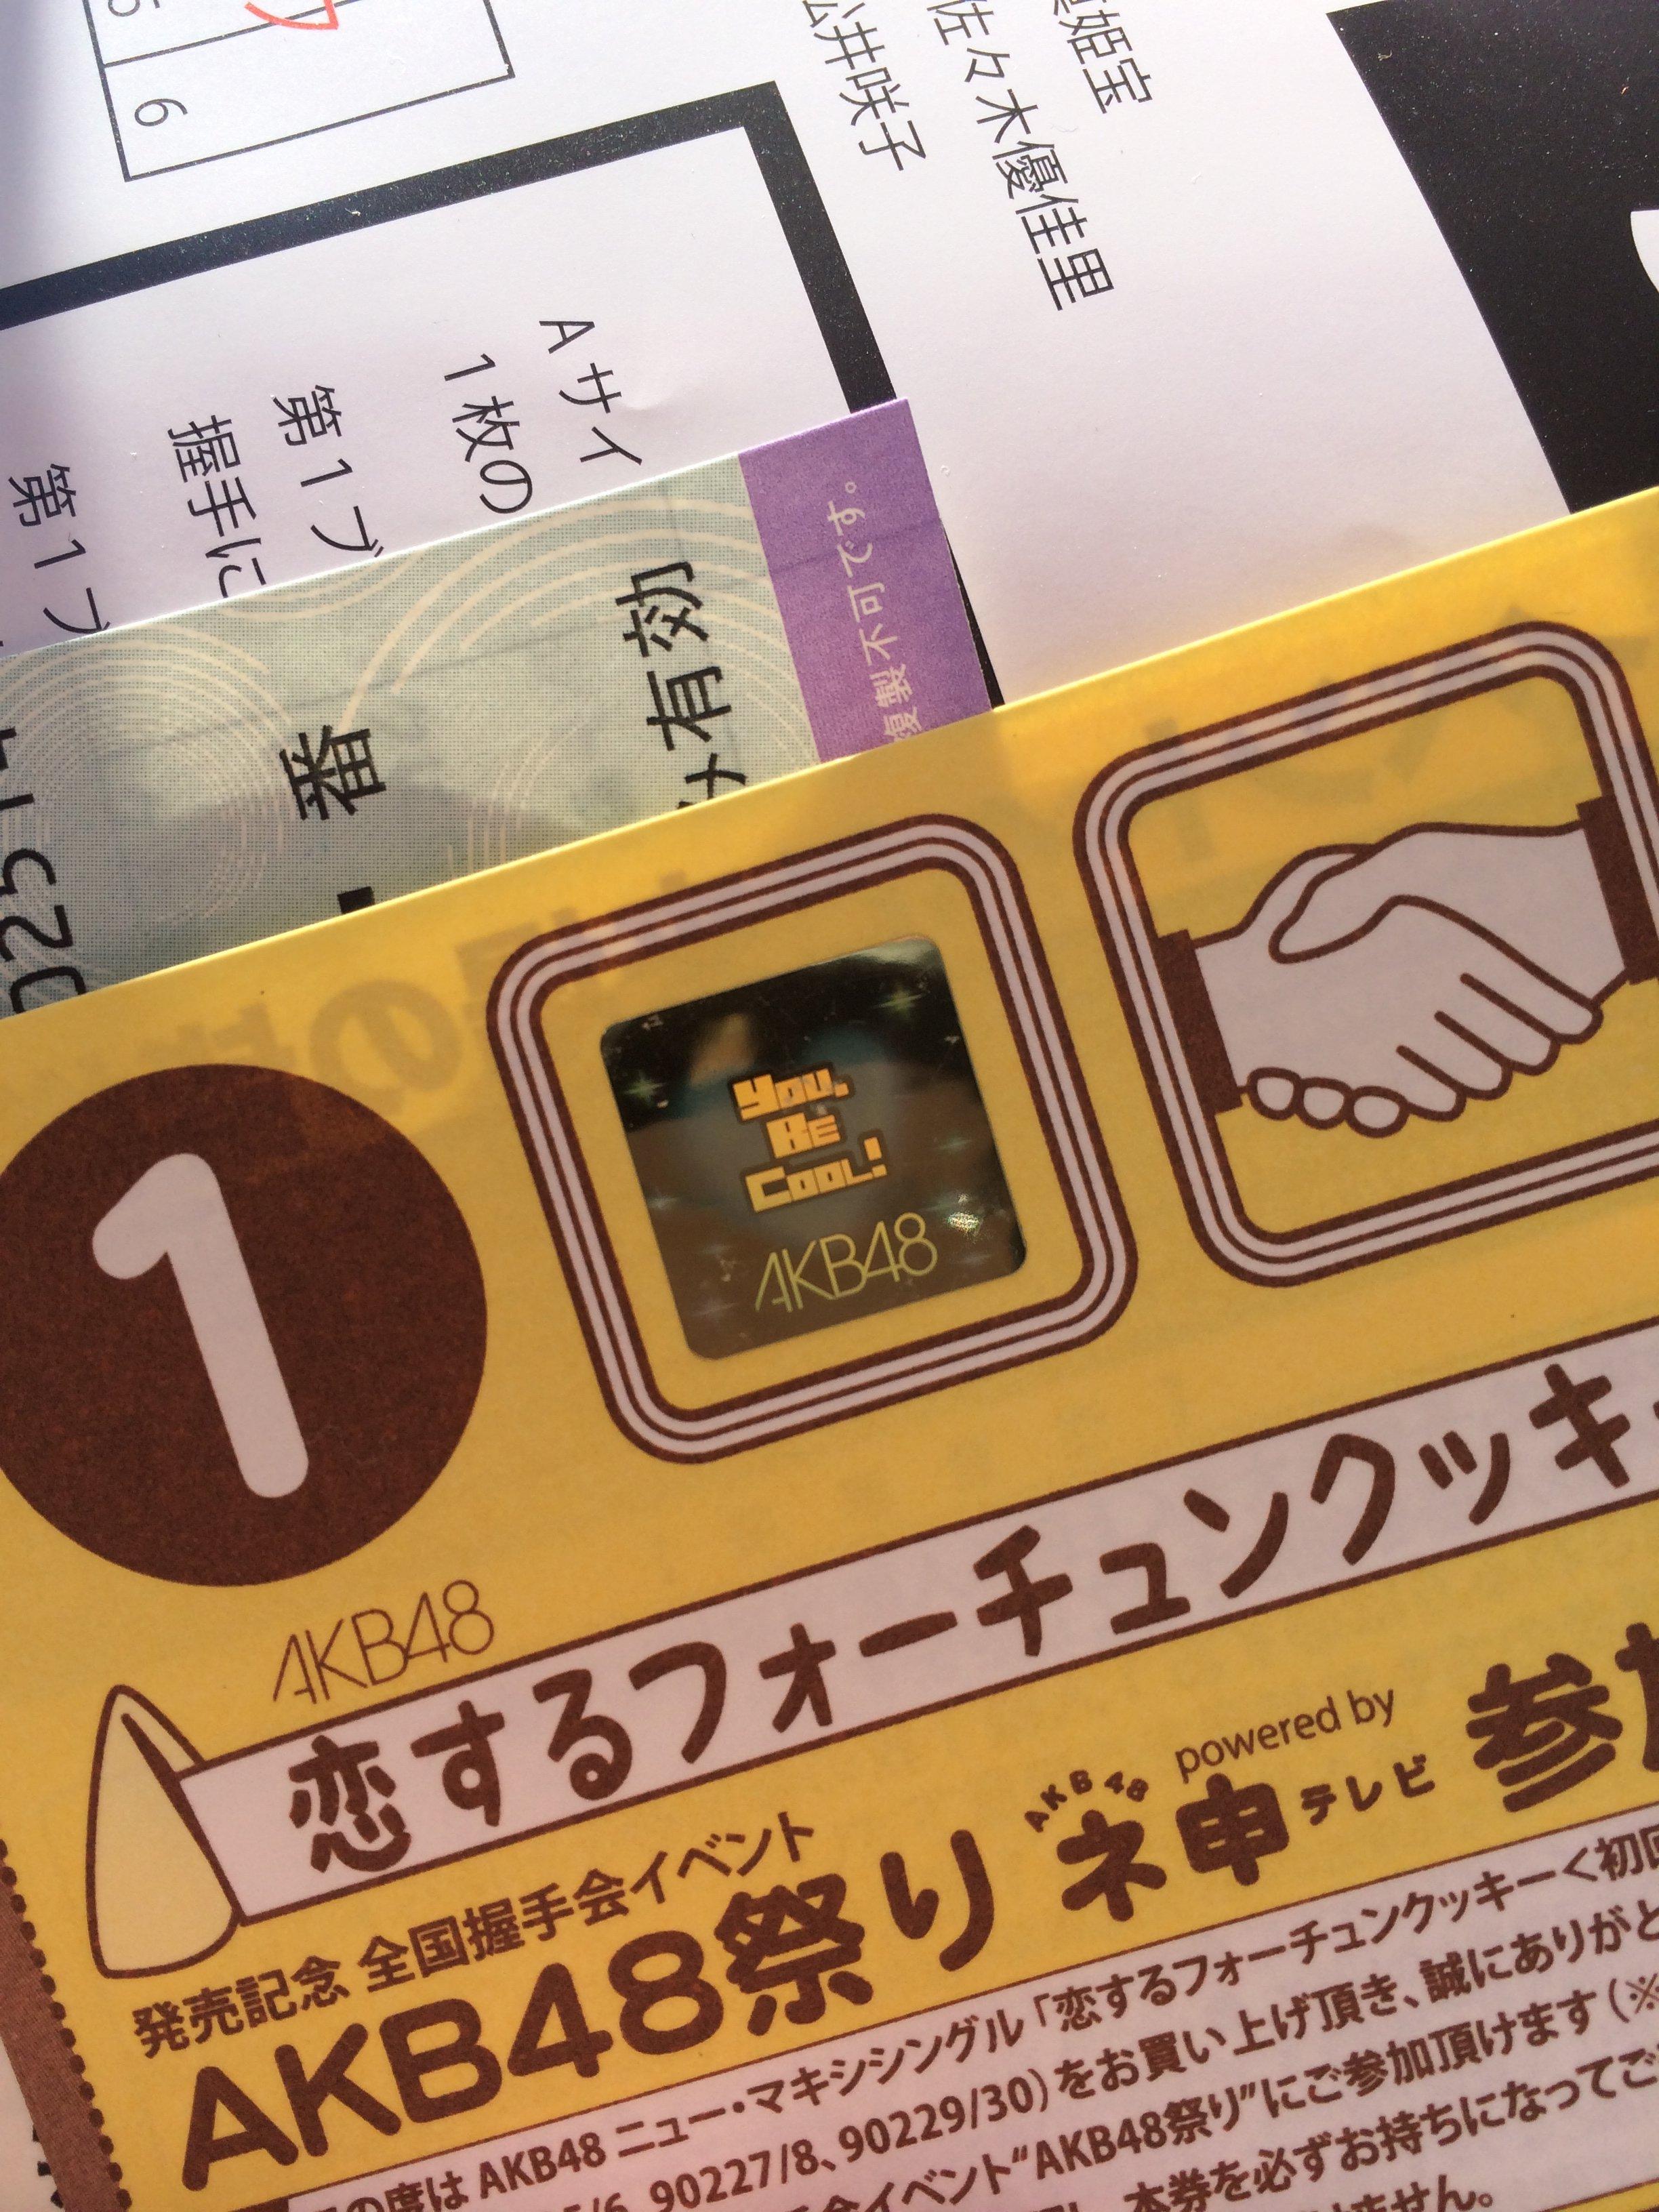 AKB48 Handshake Event December 2013